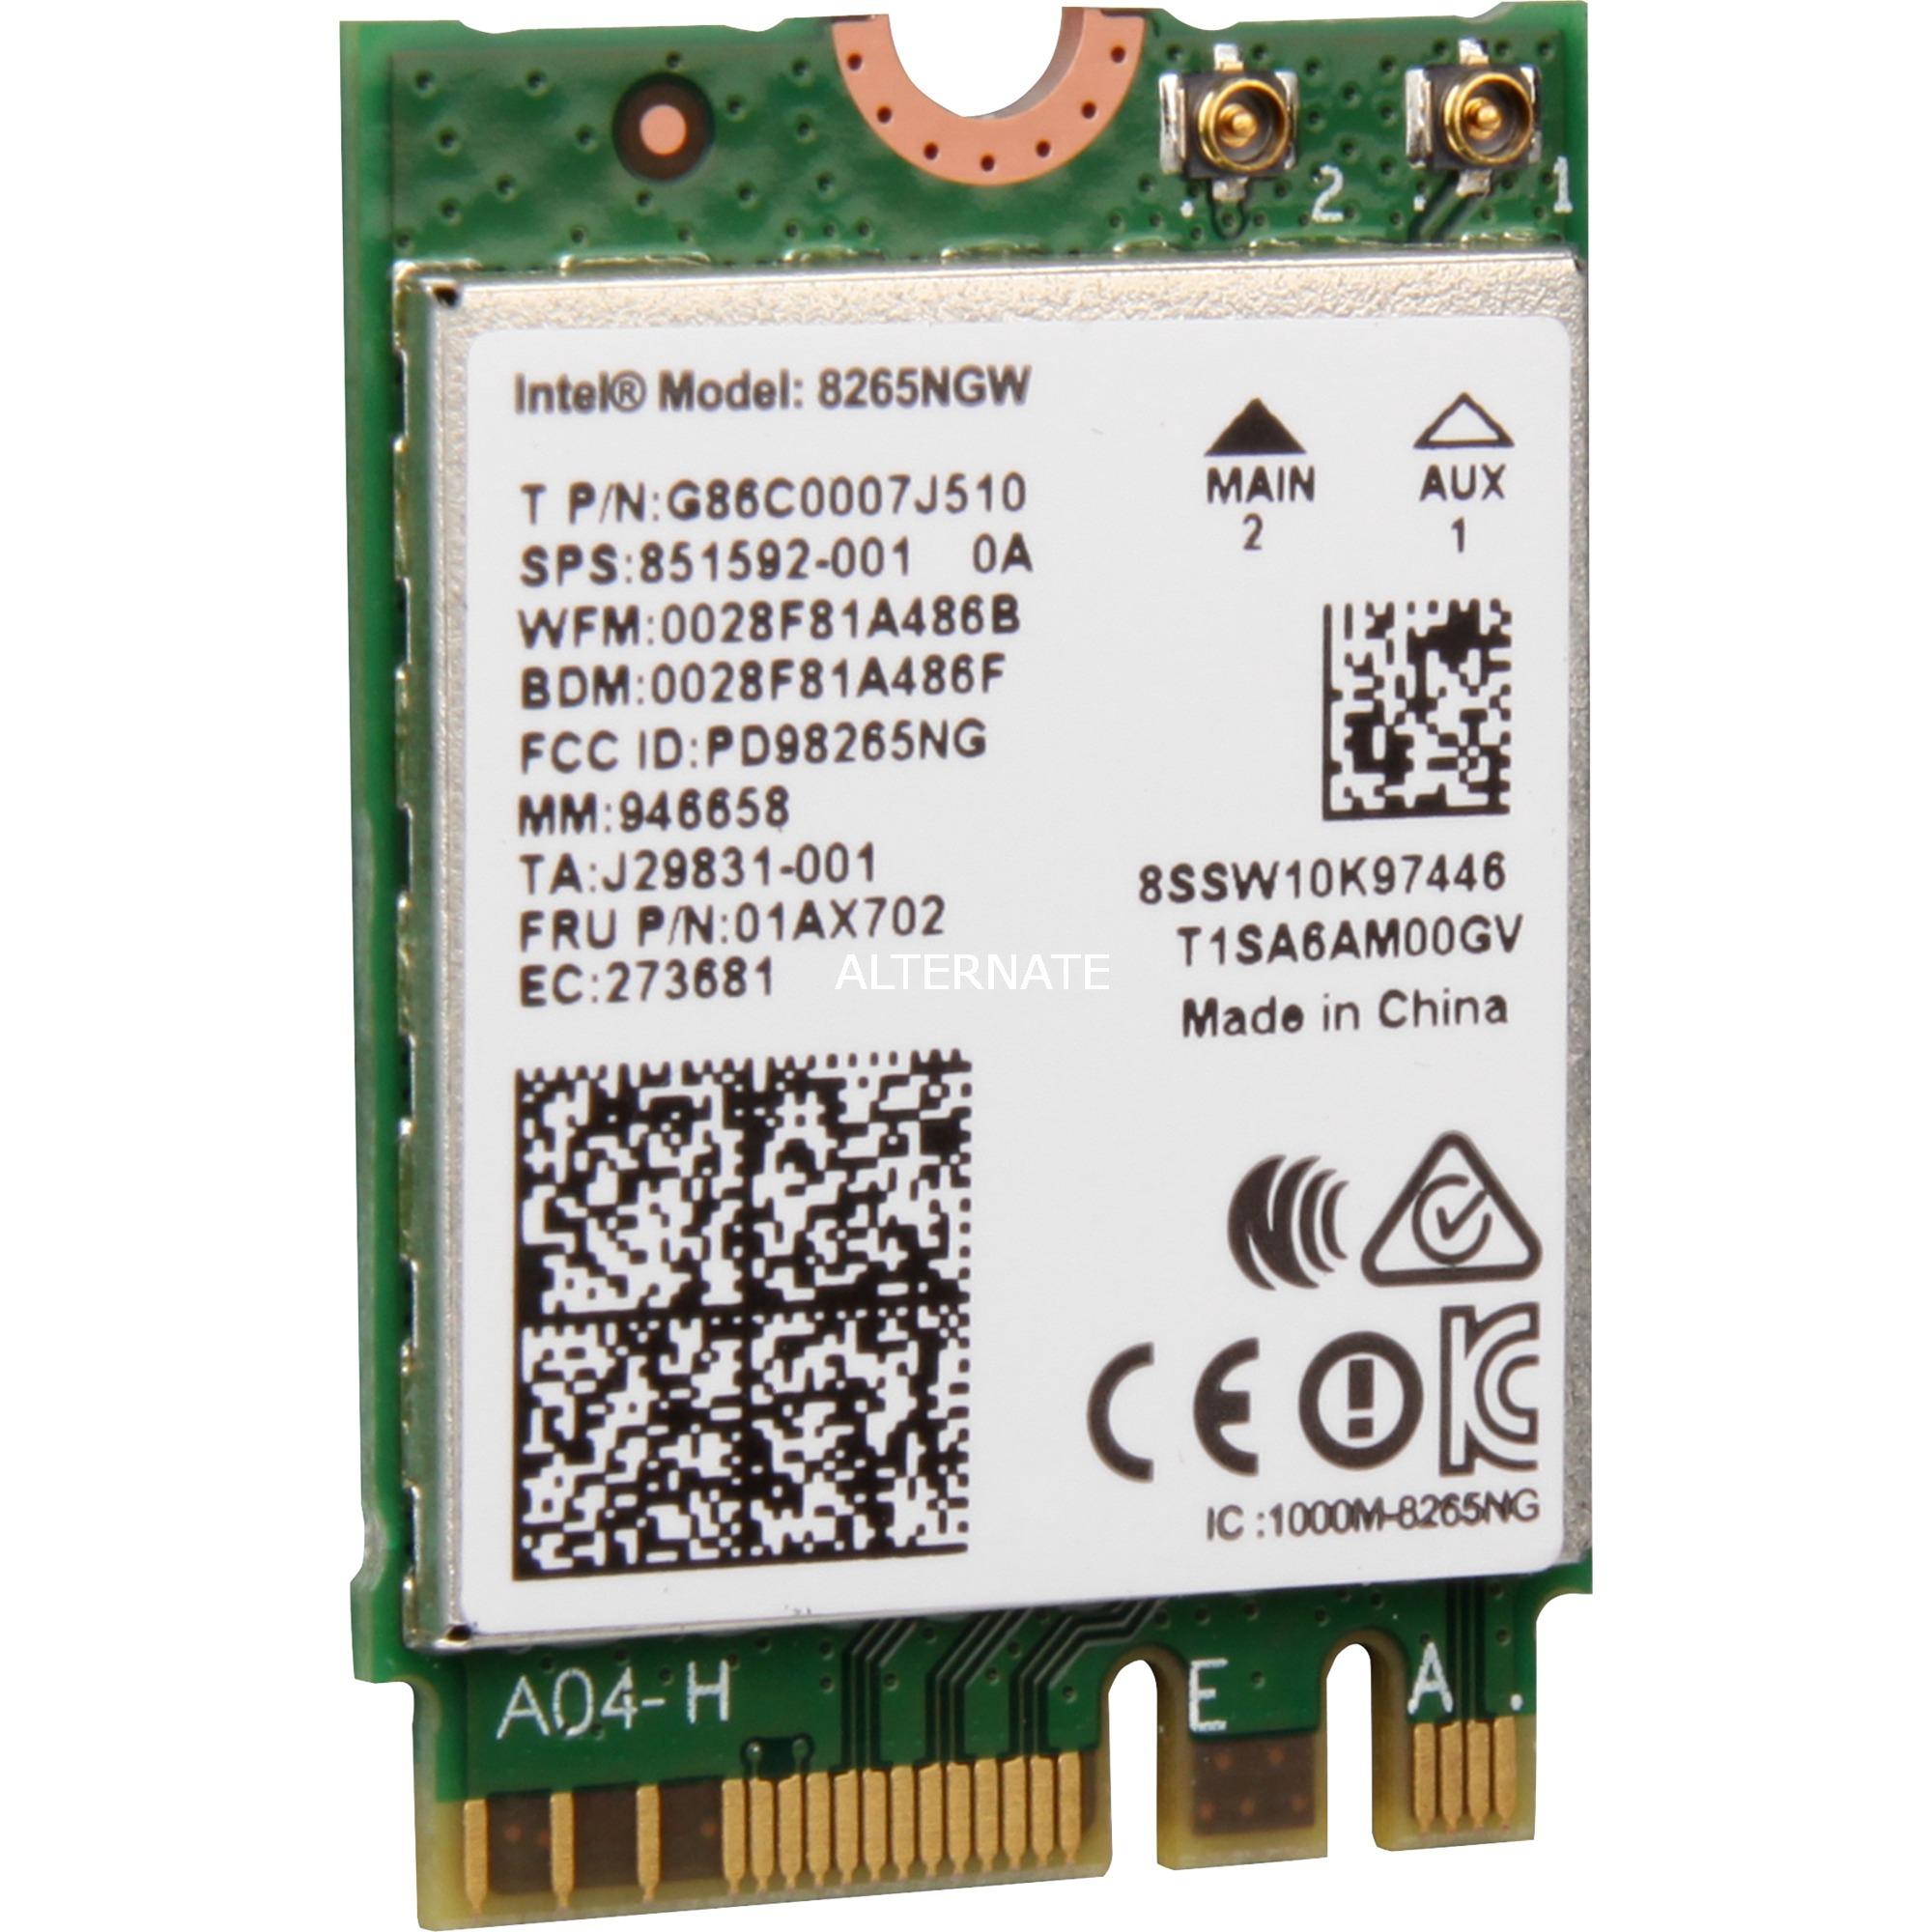 AC 8265 Interno WLAN/Bluetooth 867Mbit/s adaptador y tarjeta de red, Adaptador Wi-Fi